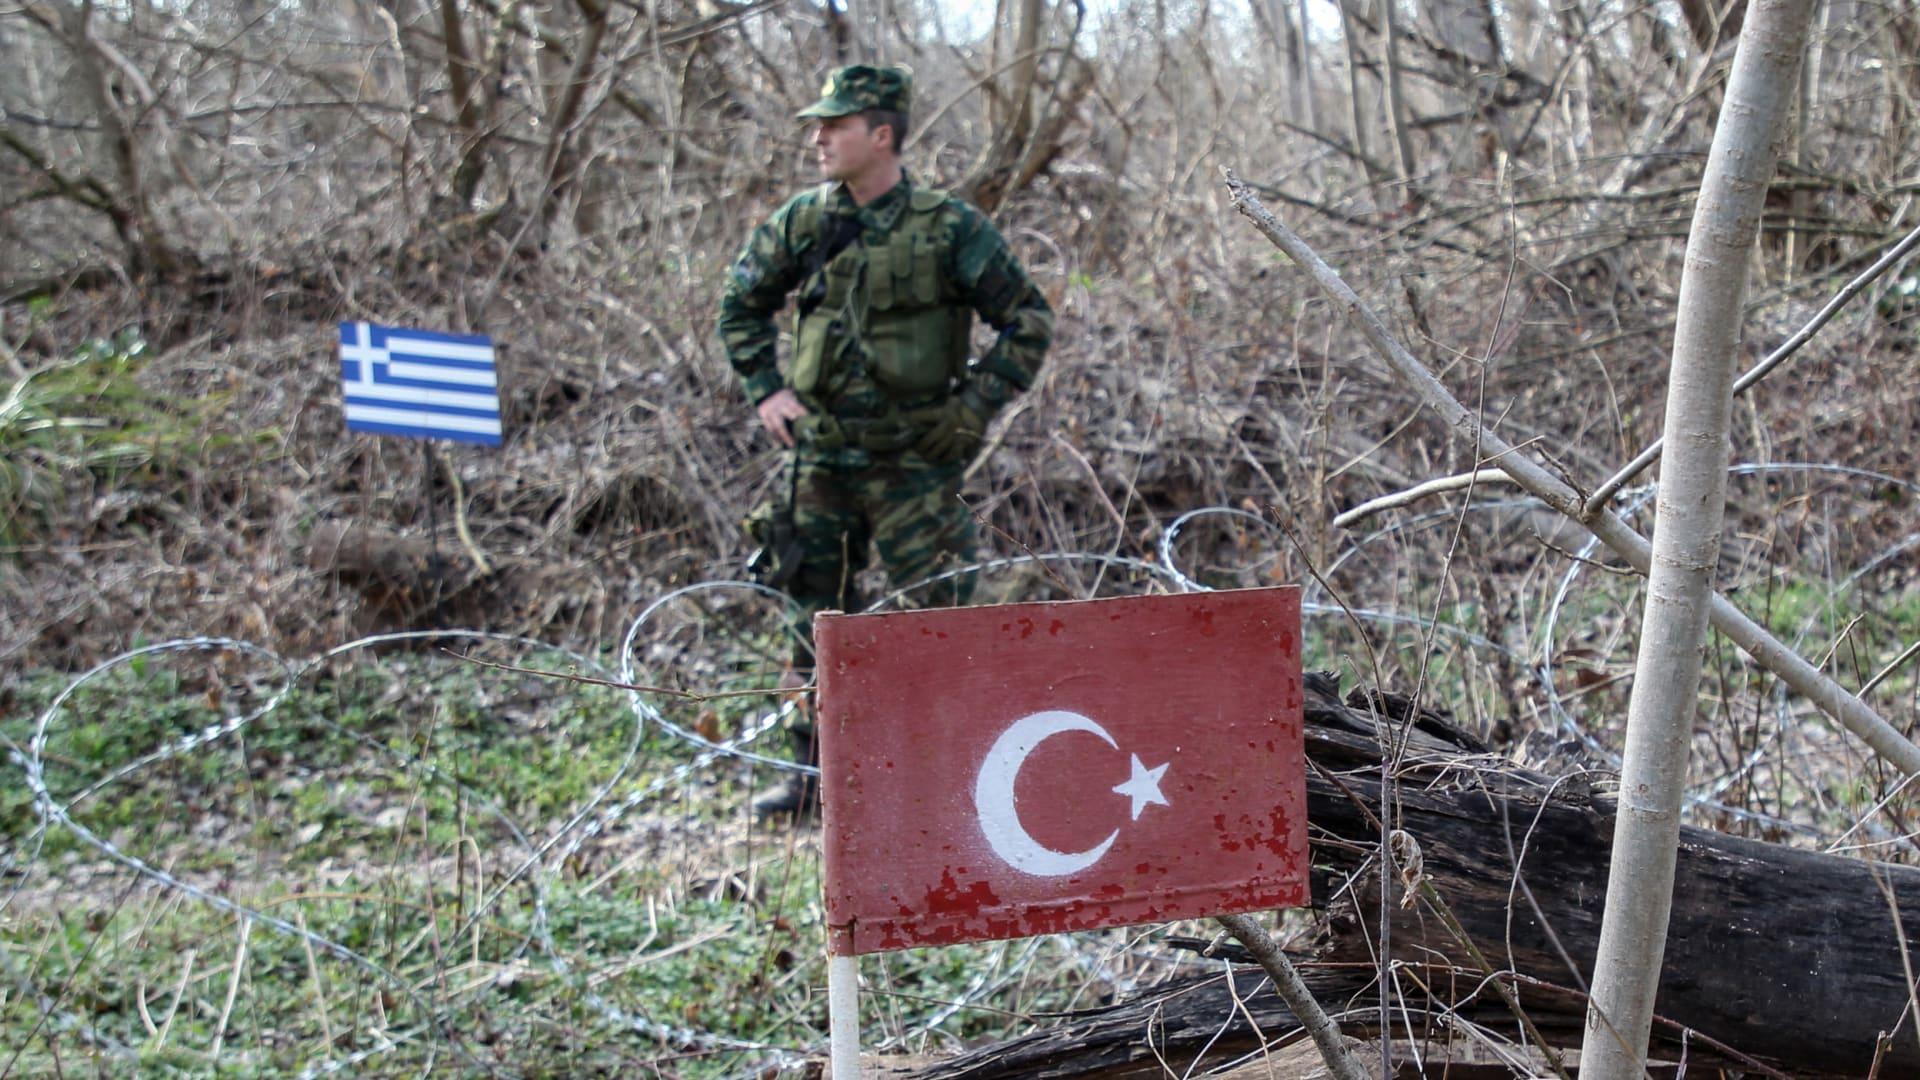 المتحدث باسم العدالة والتنمية: مستعدون للتفاوض مع اليونان على أسس الاحترام المتبادل